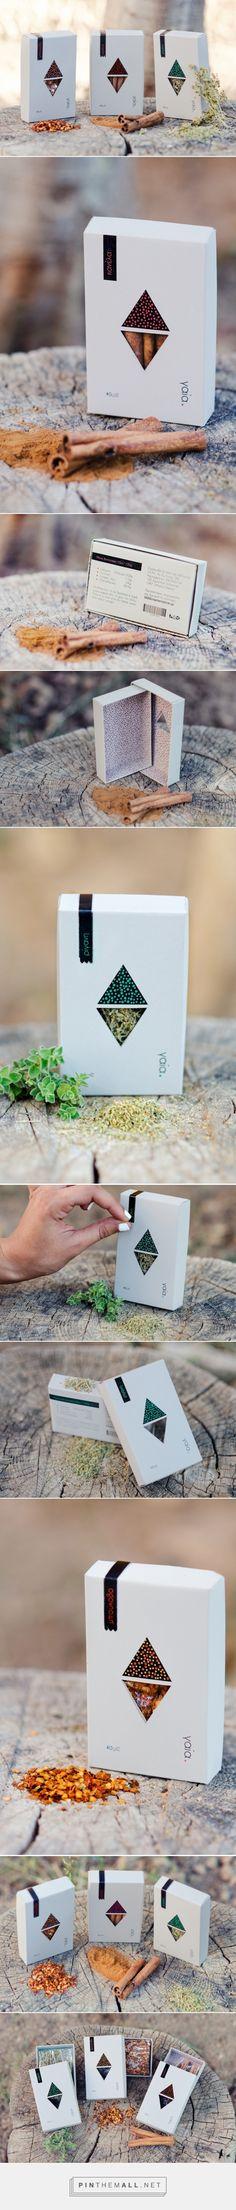 γαία Spice Packaging (Student Project) - Packaging of the World - Creative Package Design Gallery - http://www.packagingoftheworld.com/2016/06/spice-packaging-student-project.html